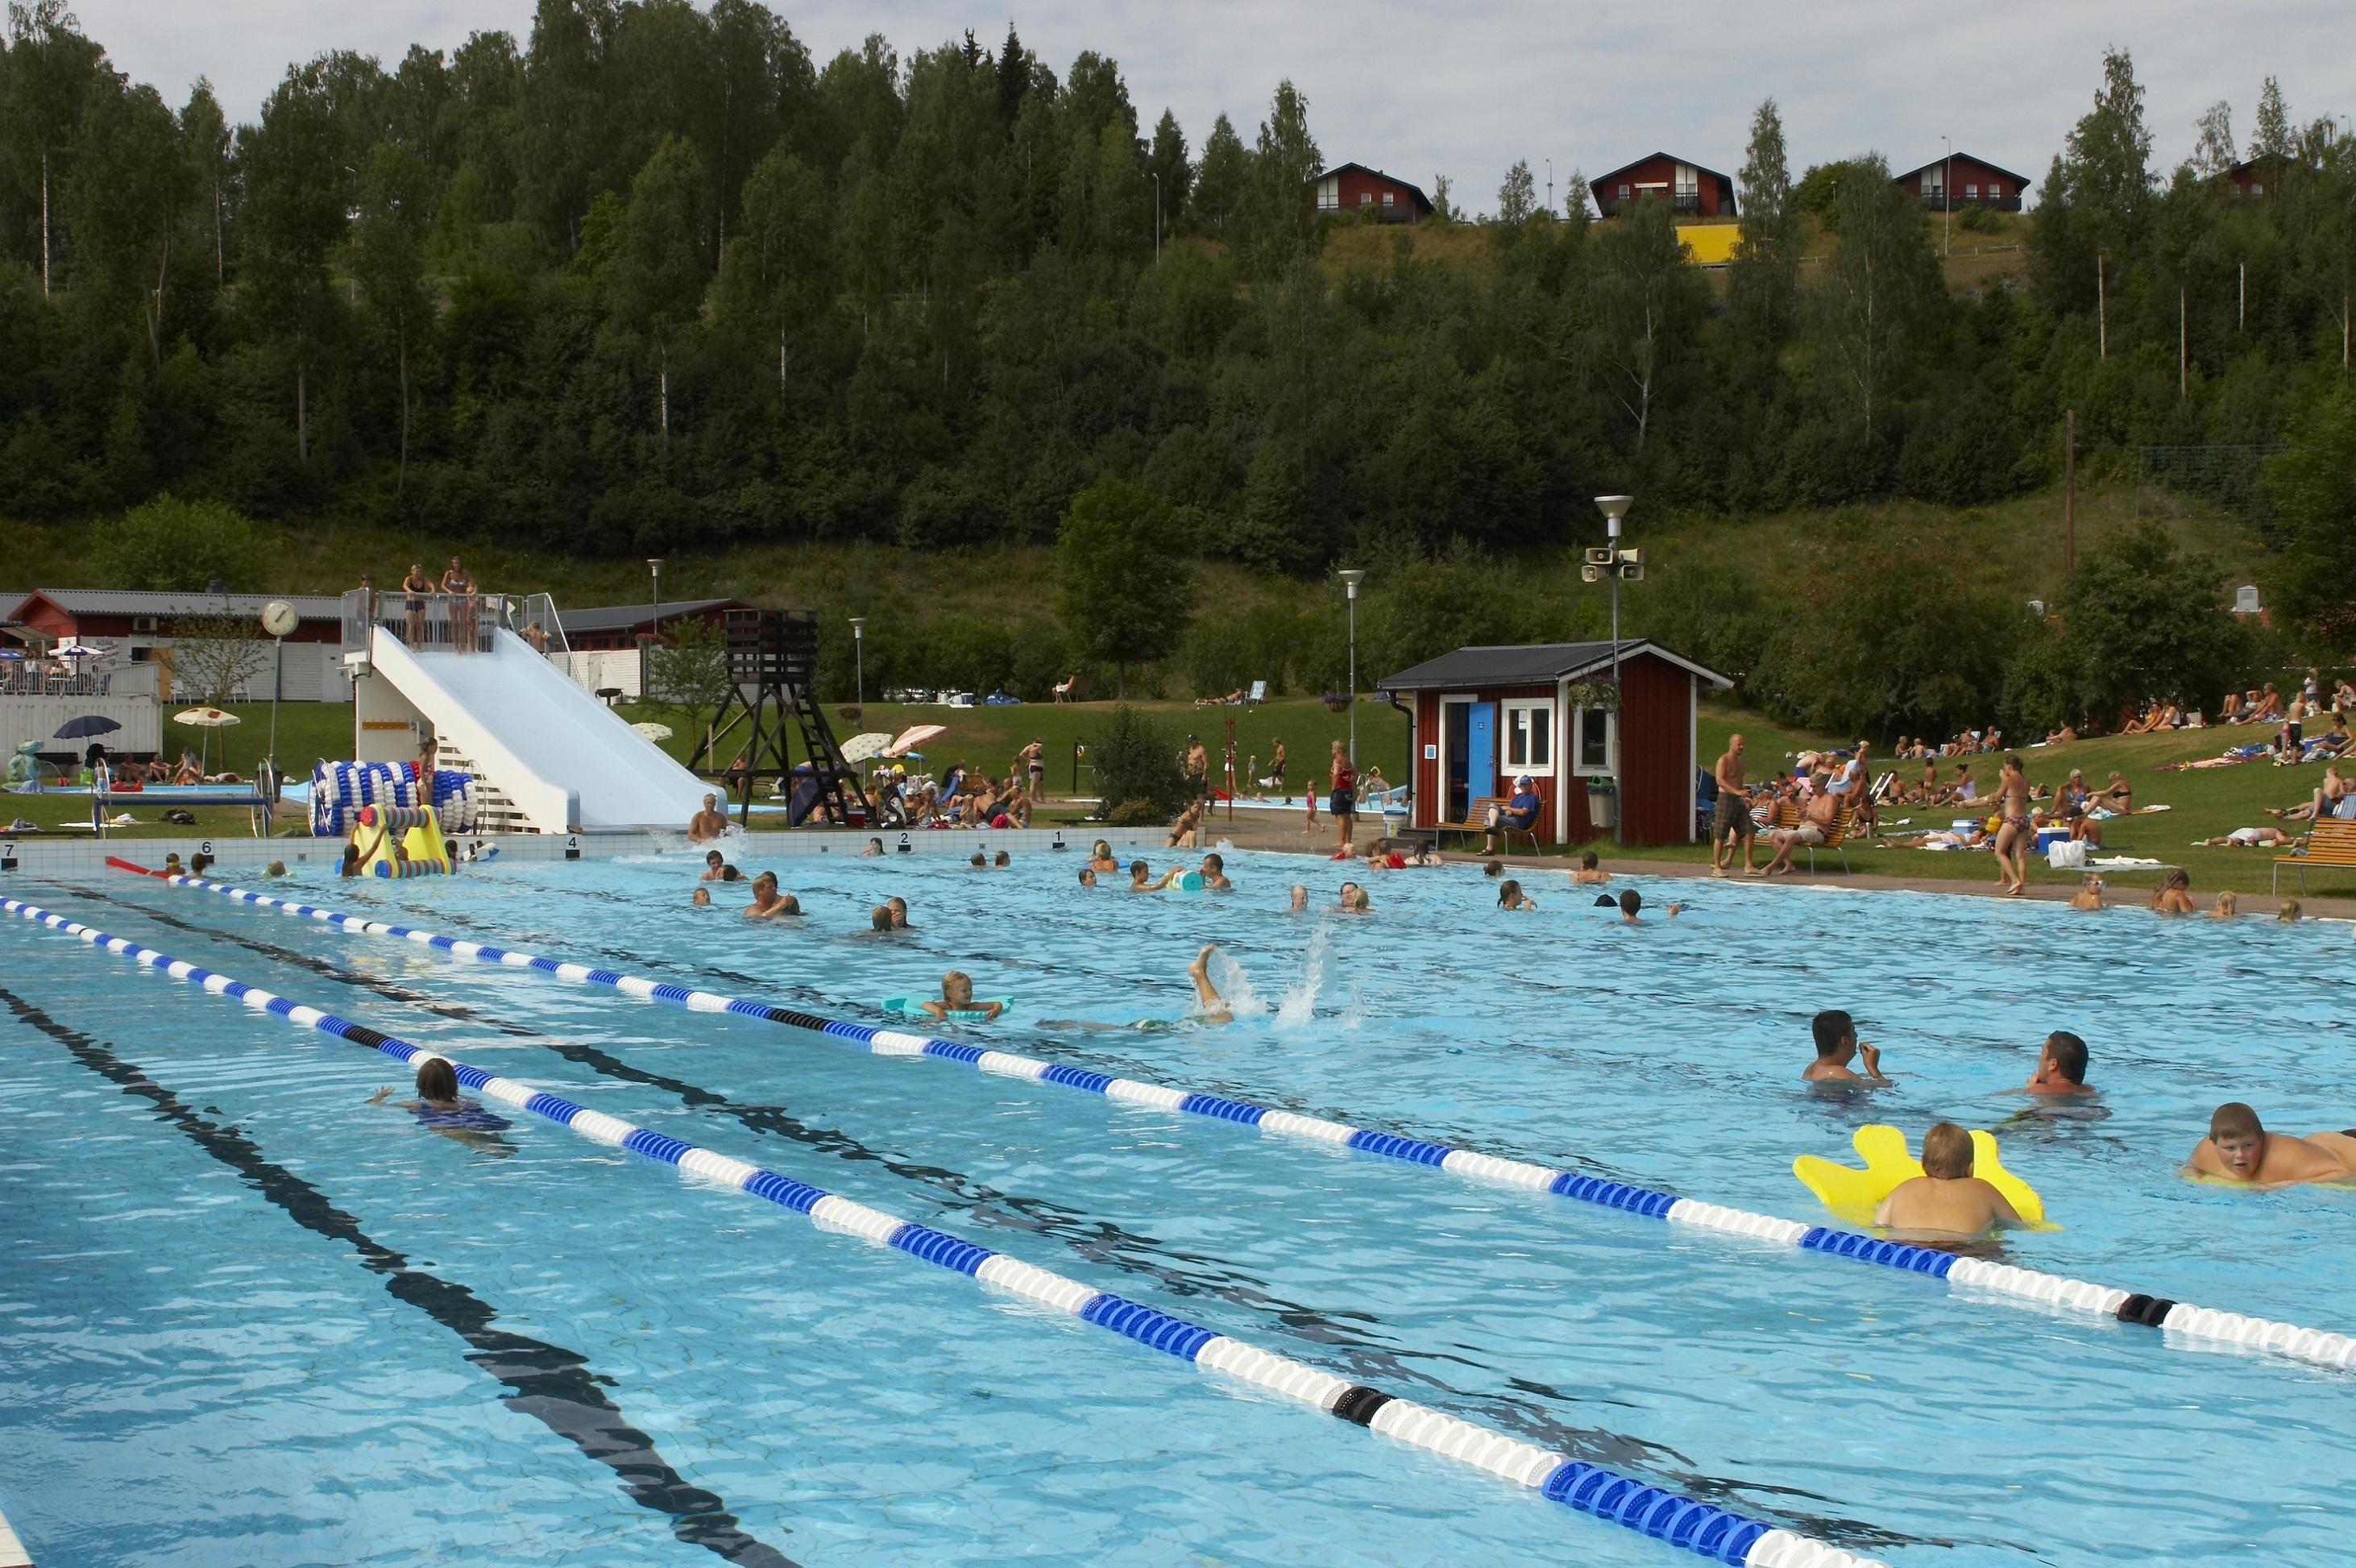 Foto: Peder Eriksson, Risön stora bassängen